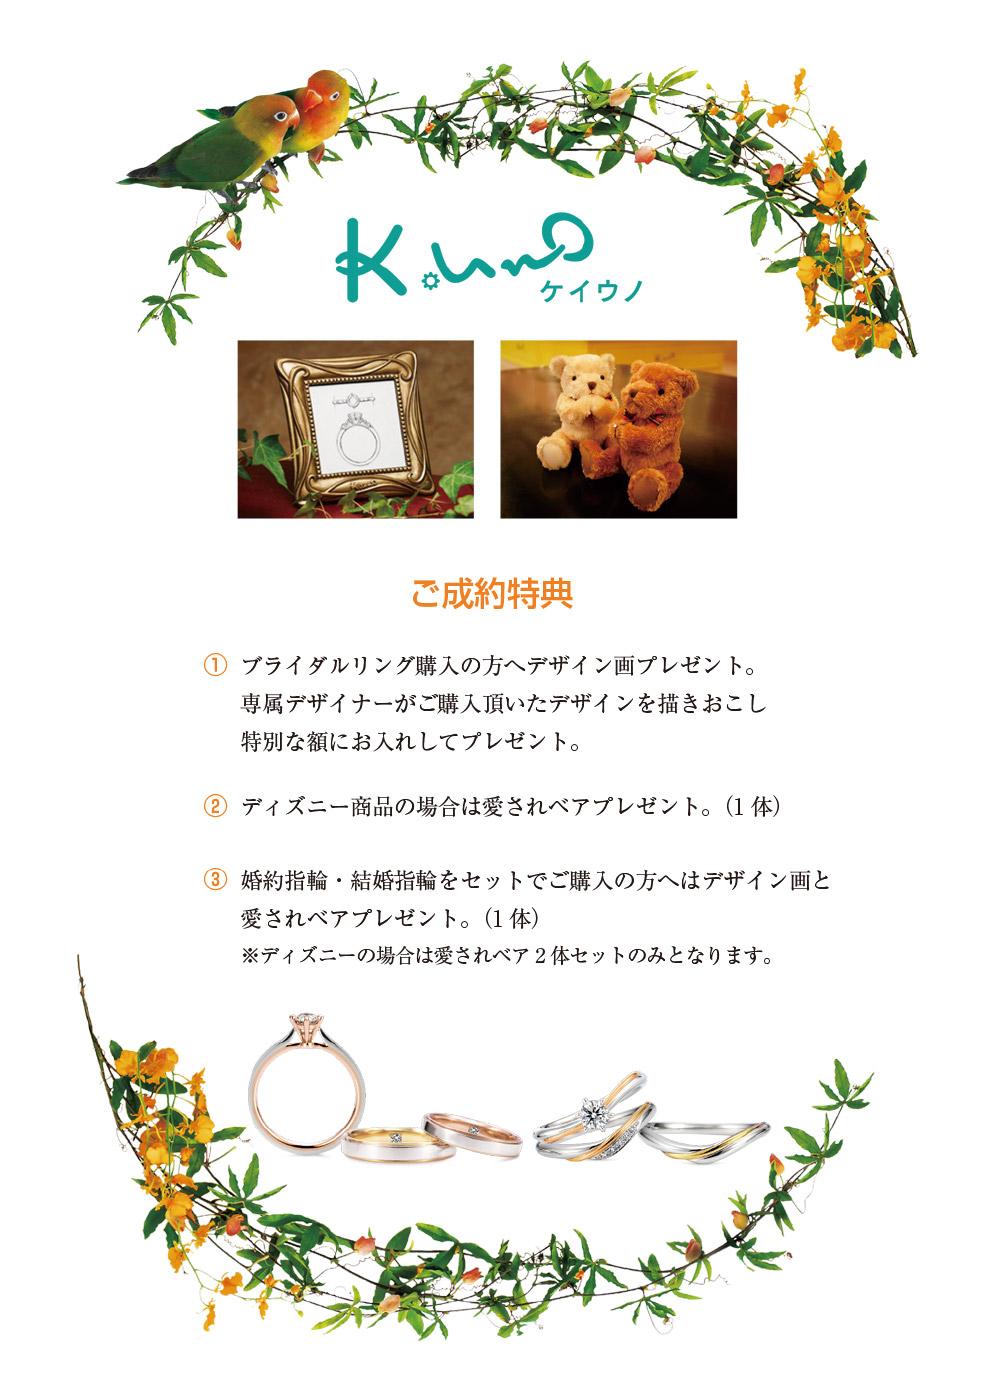 K.uno 愛されベアプレゼントフェア -2020.6-